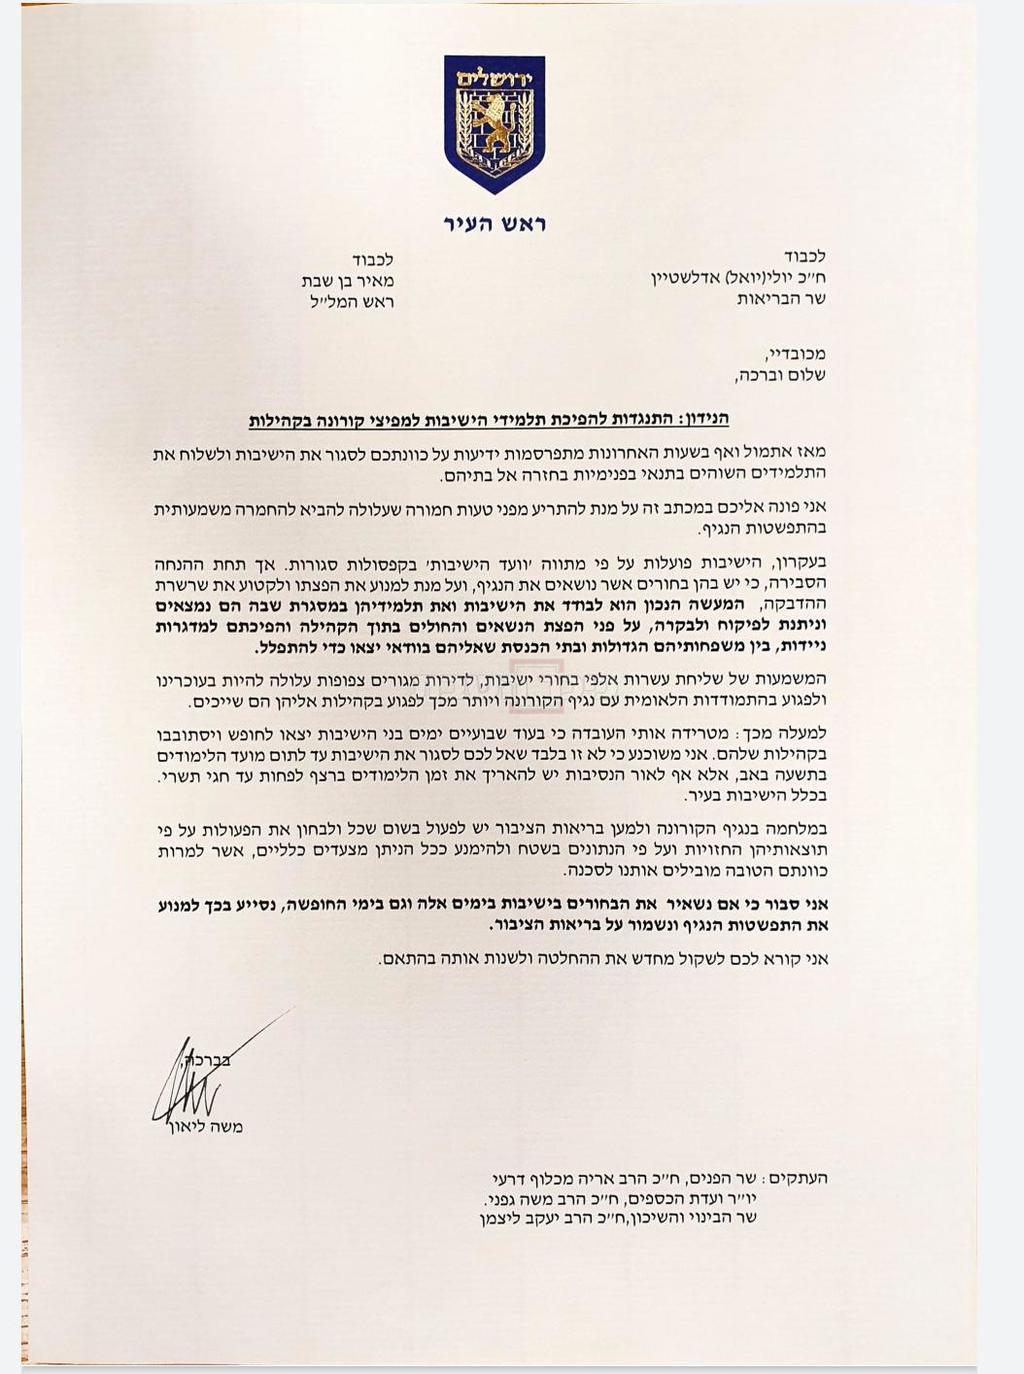 מכתבו של ראש העיר